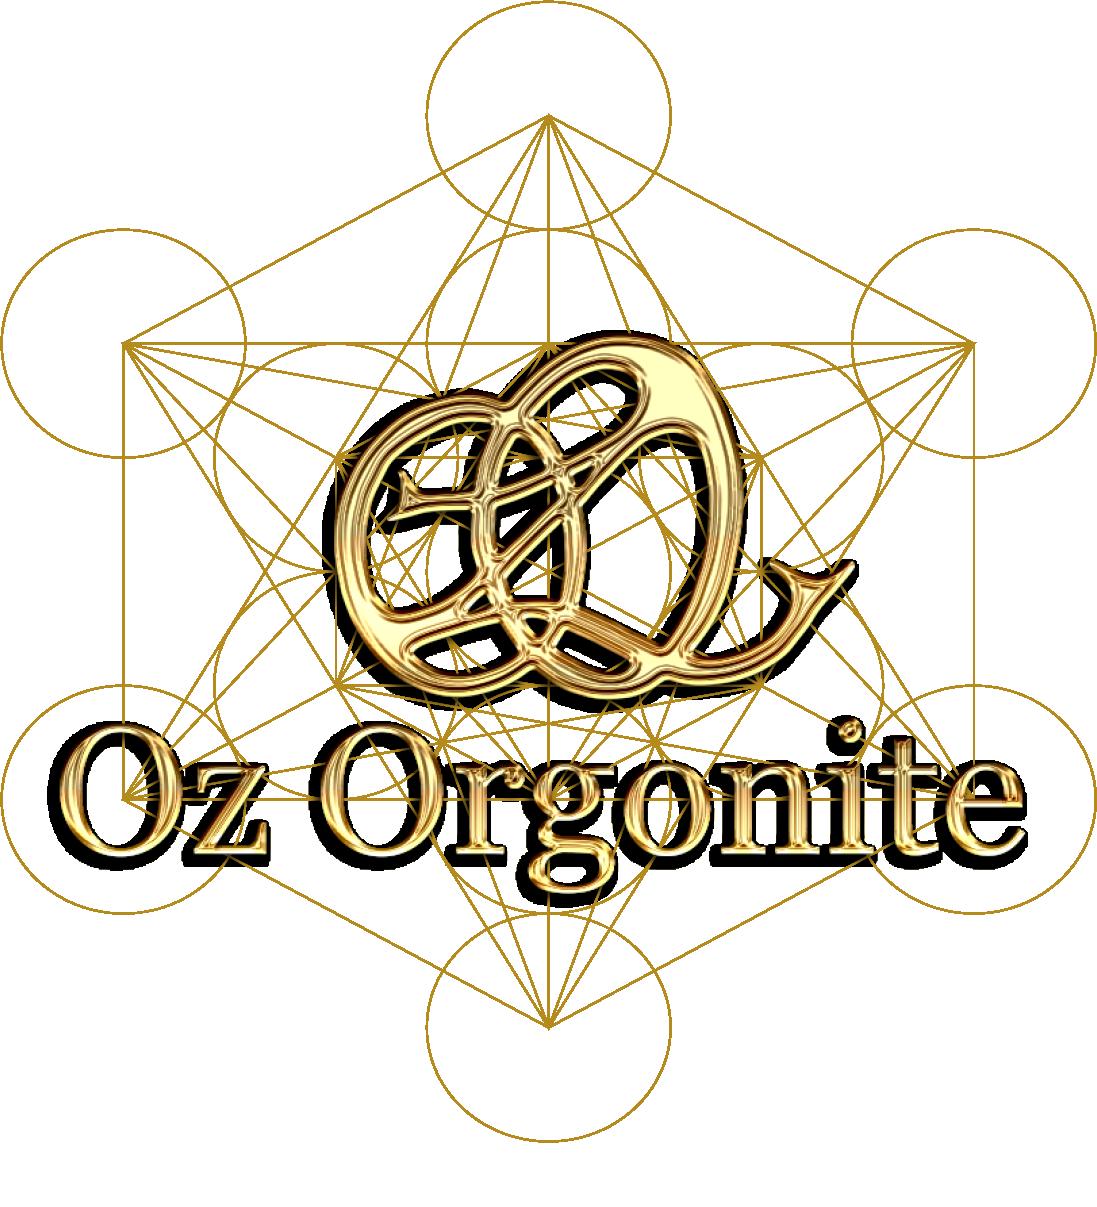 Oz Orgonite